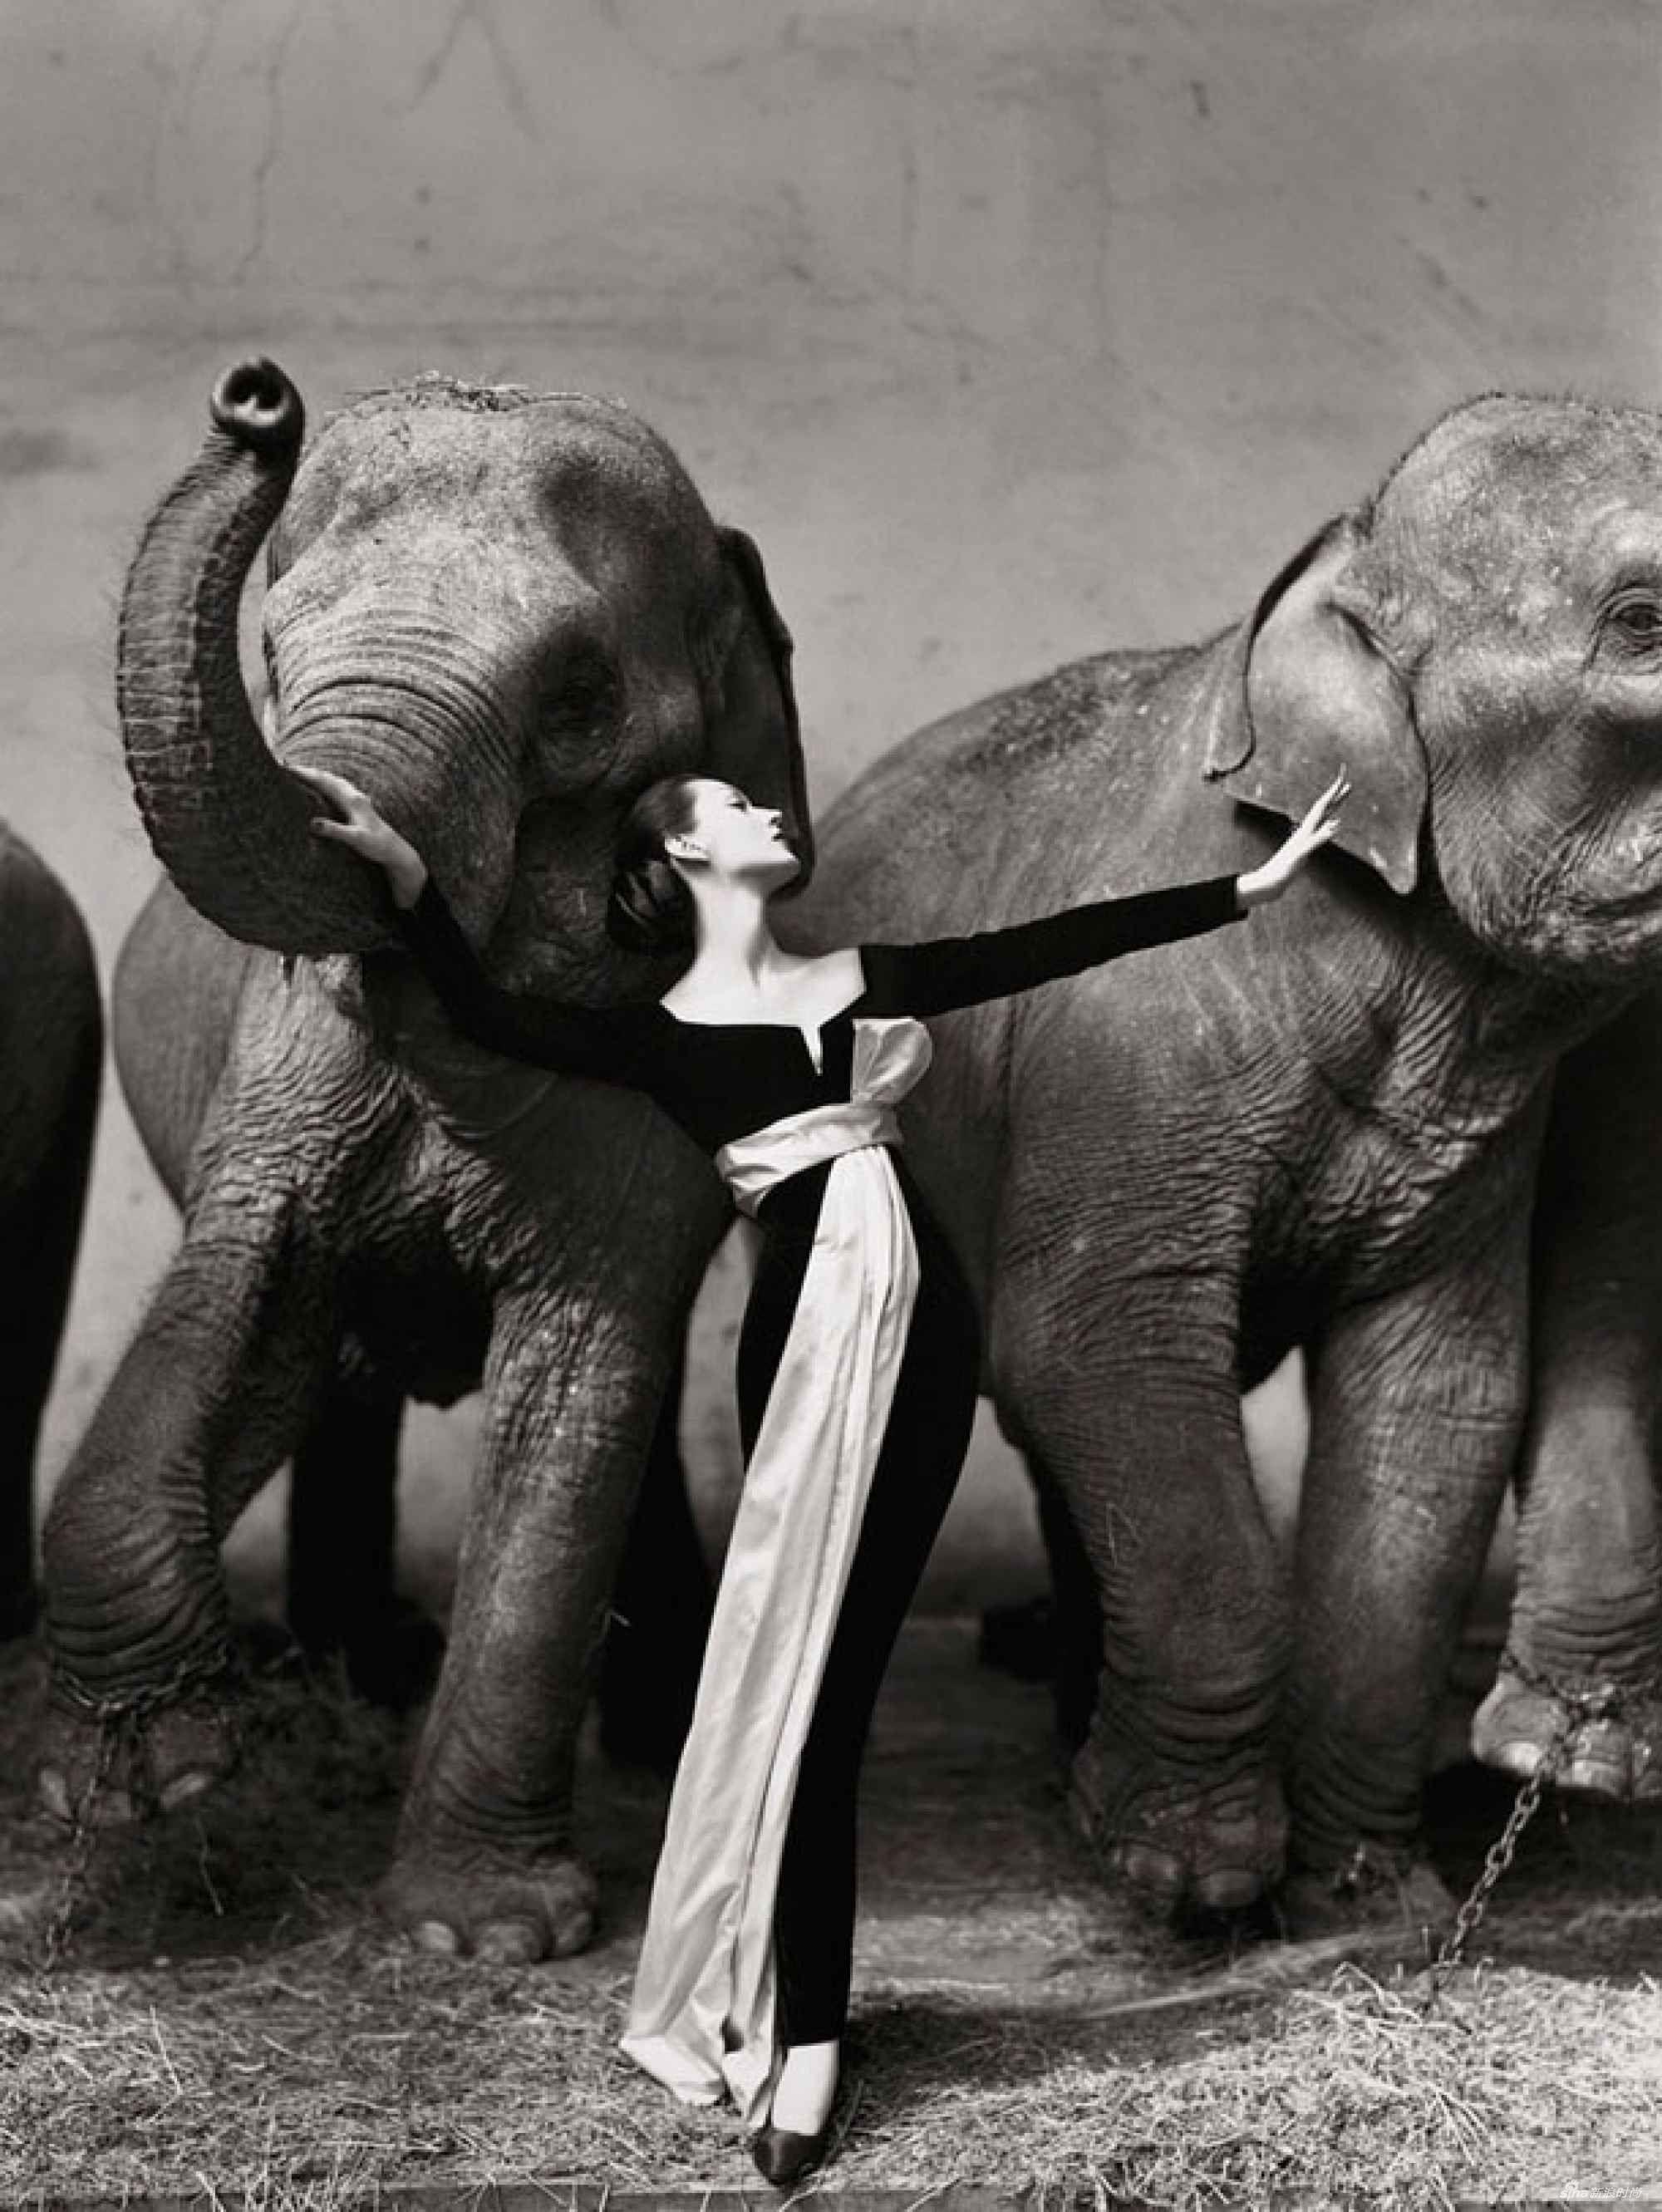 Dovima and the Elephants